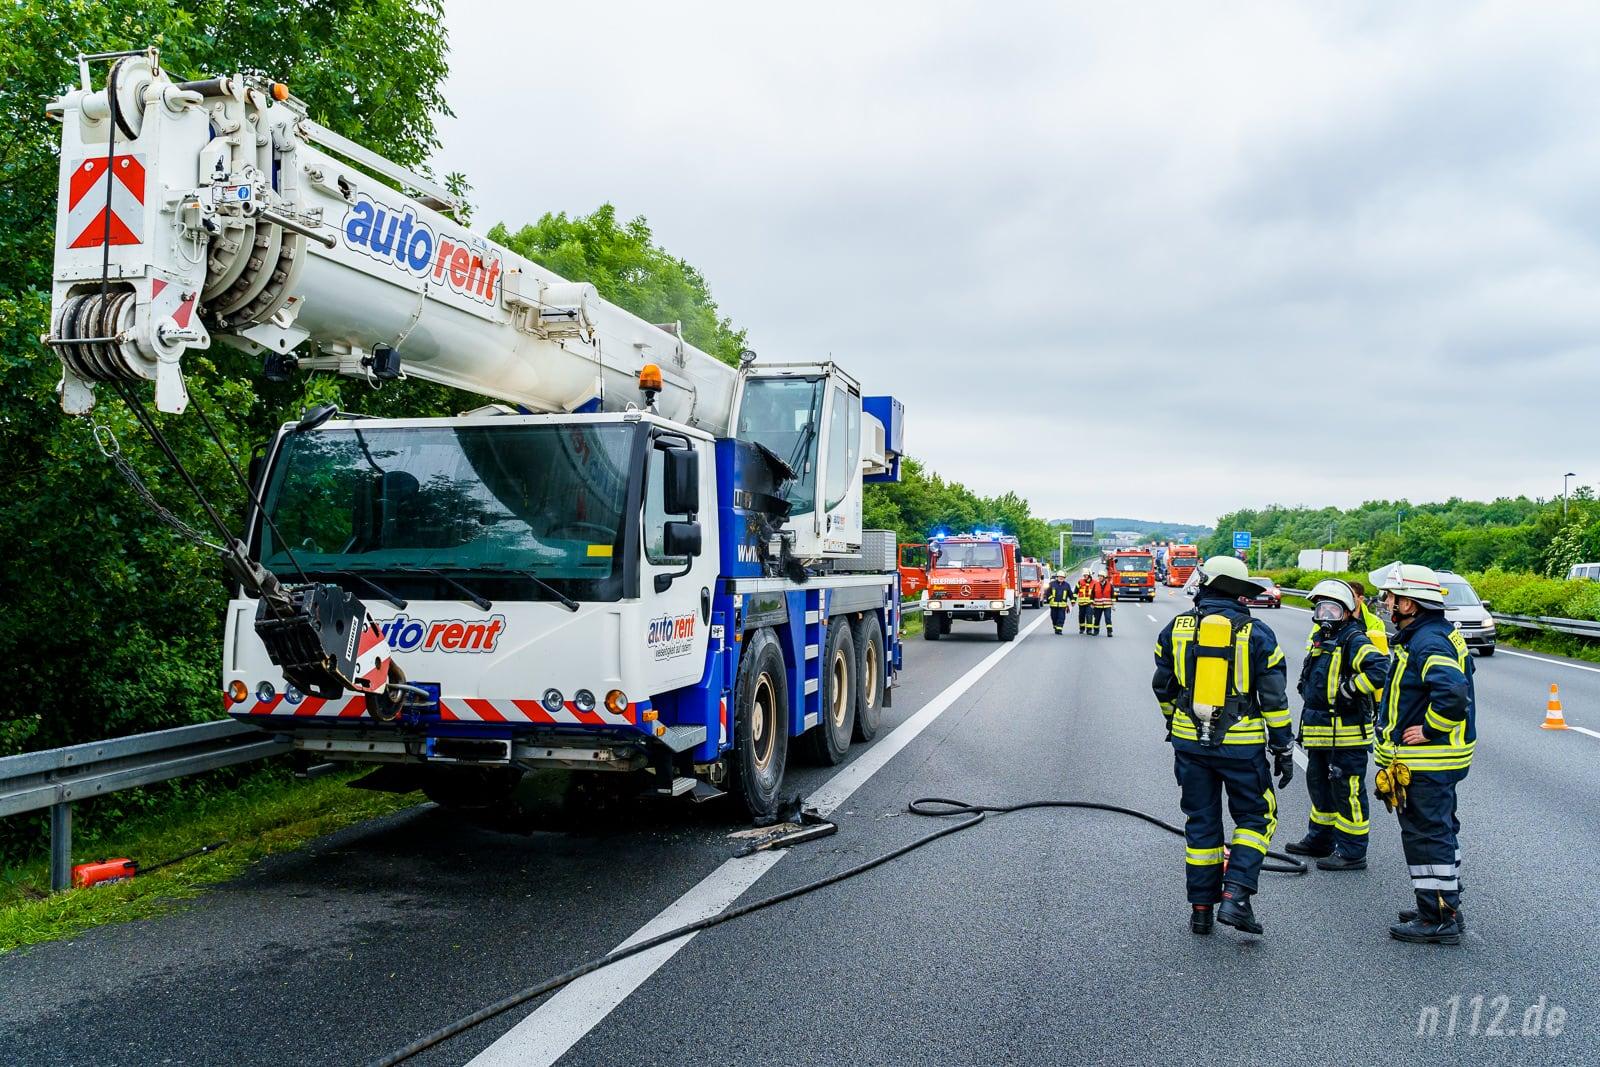 Der Kran kam auf dem Standstreifen zum Stehen (Foto: n112.de/Stefan Simonsen)